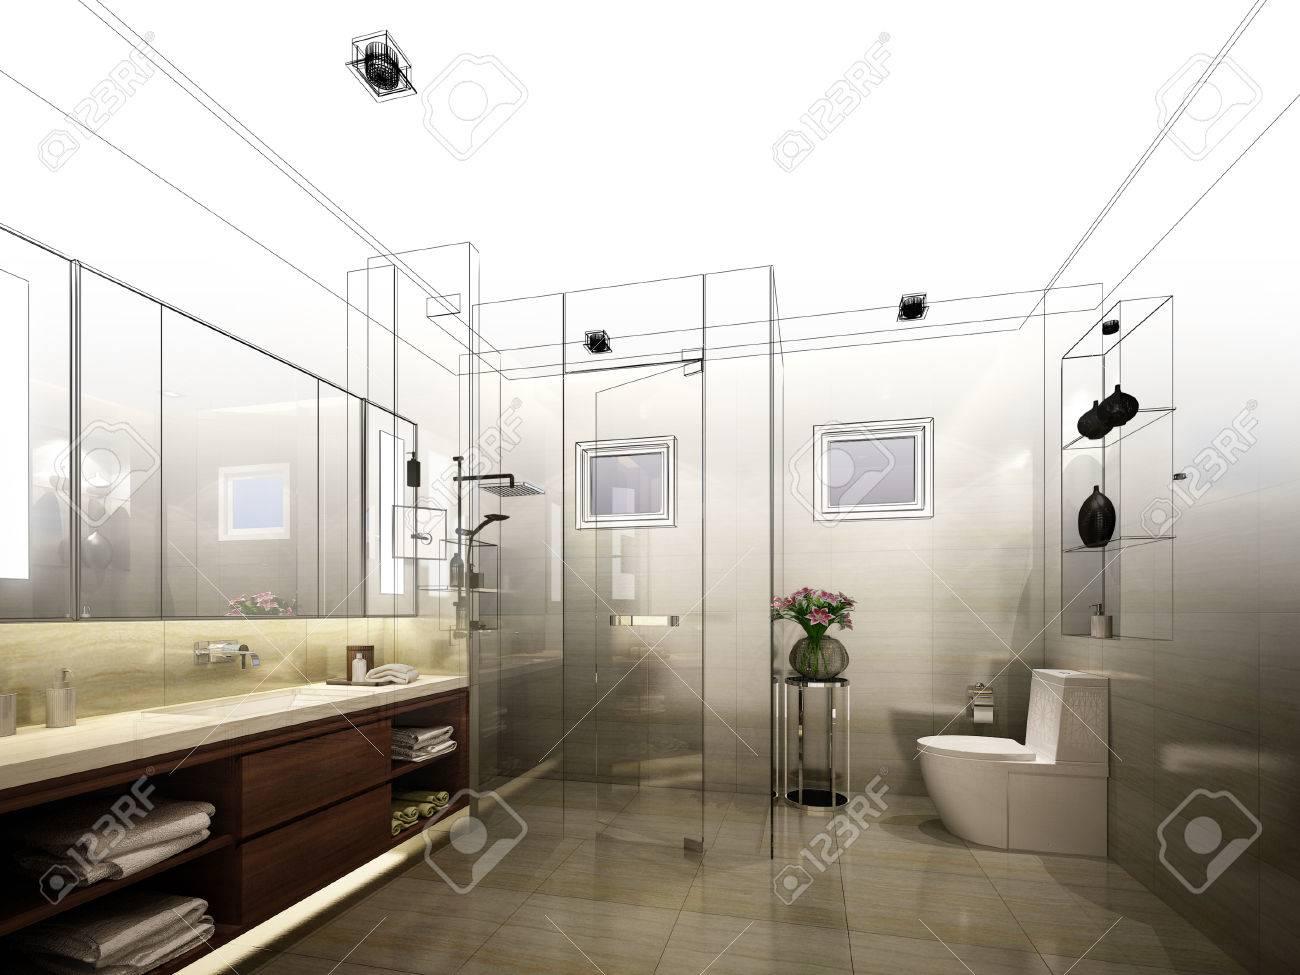 abstract sketch design of interior bathroom - 50113430